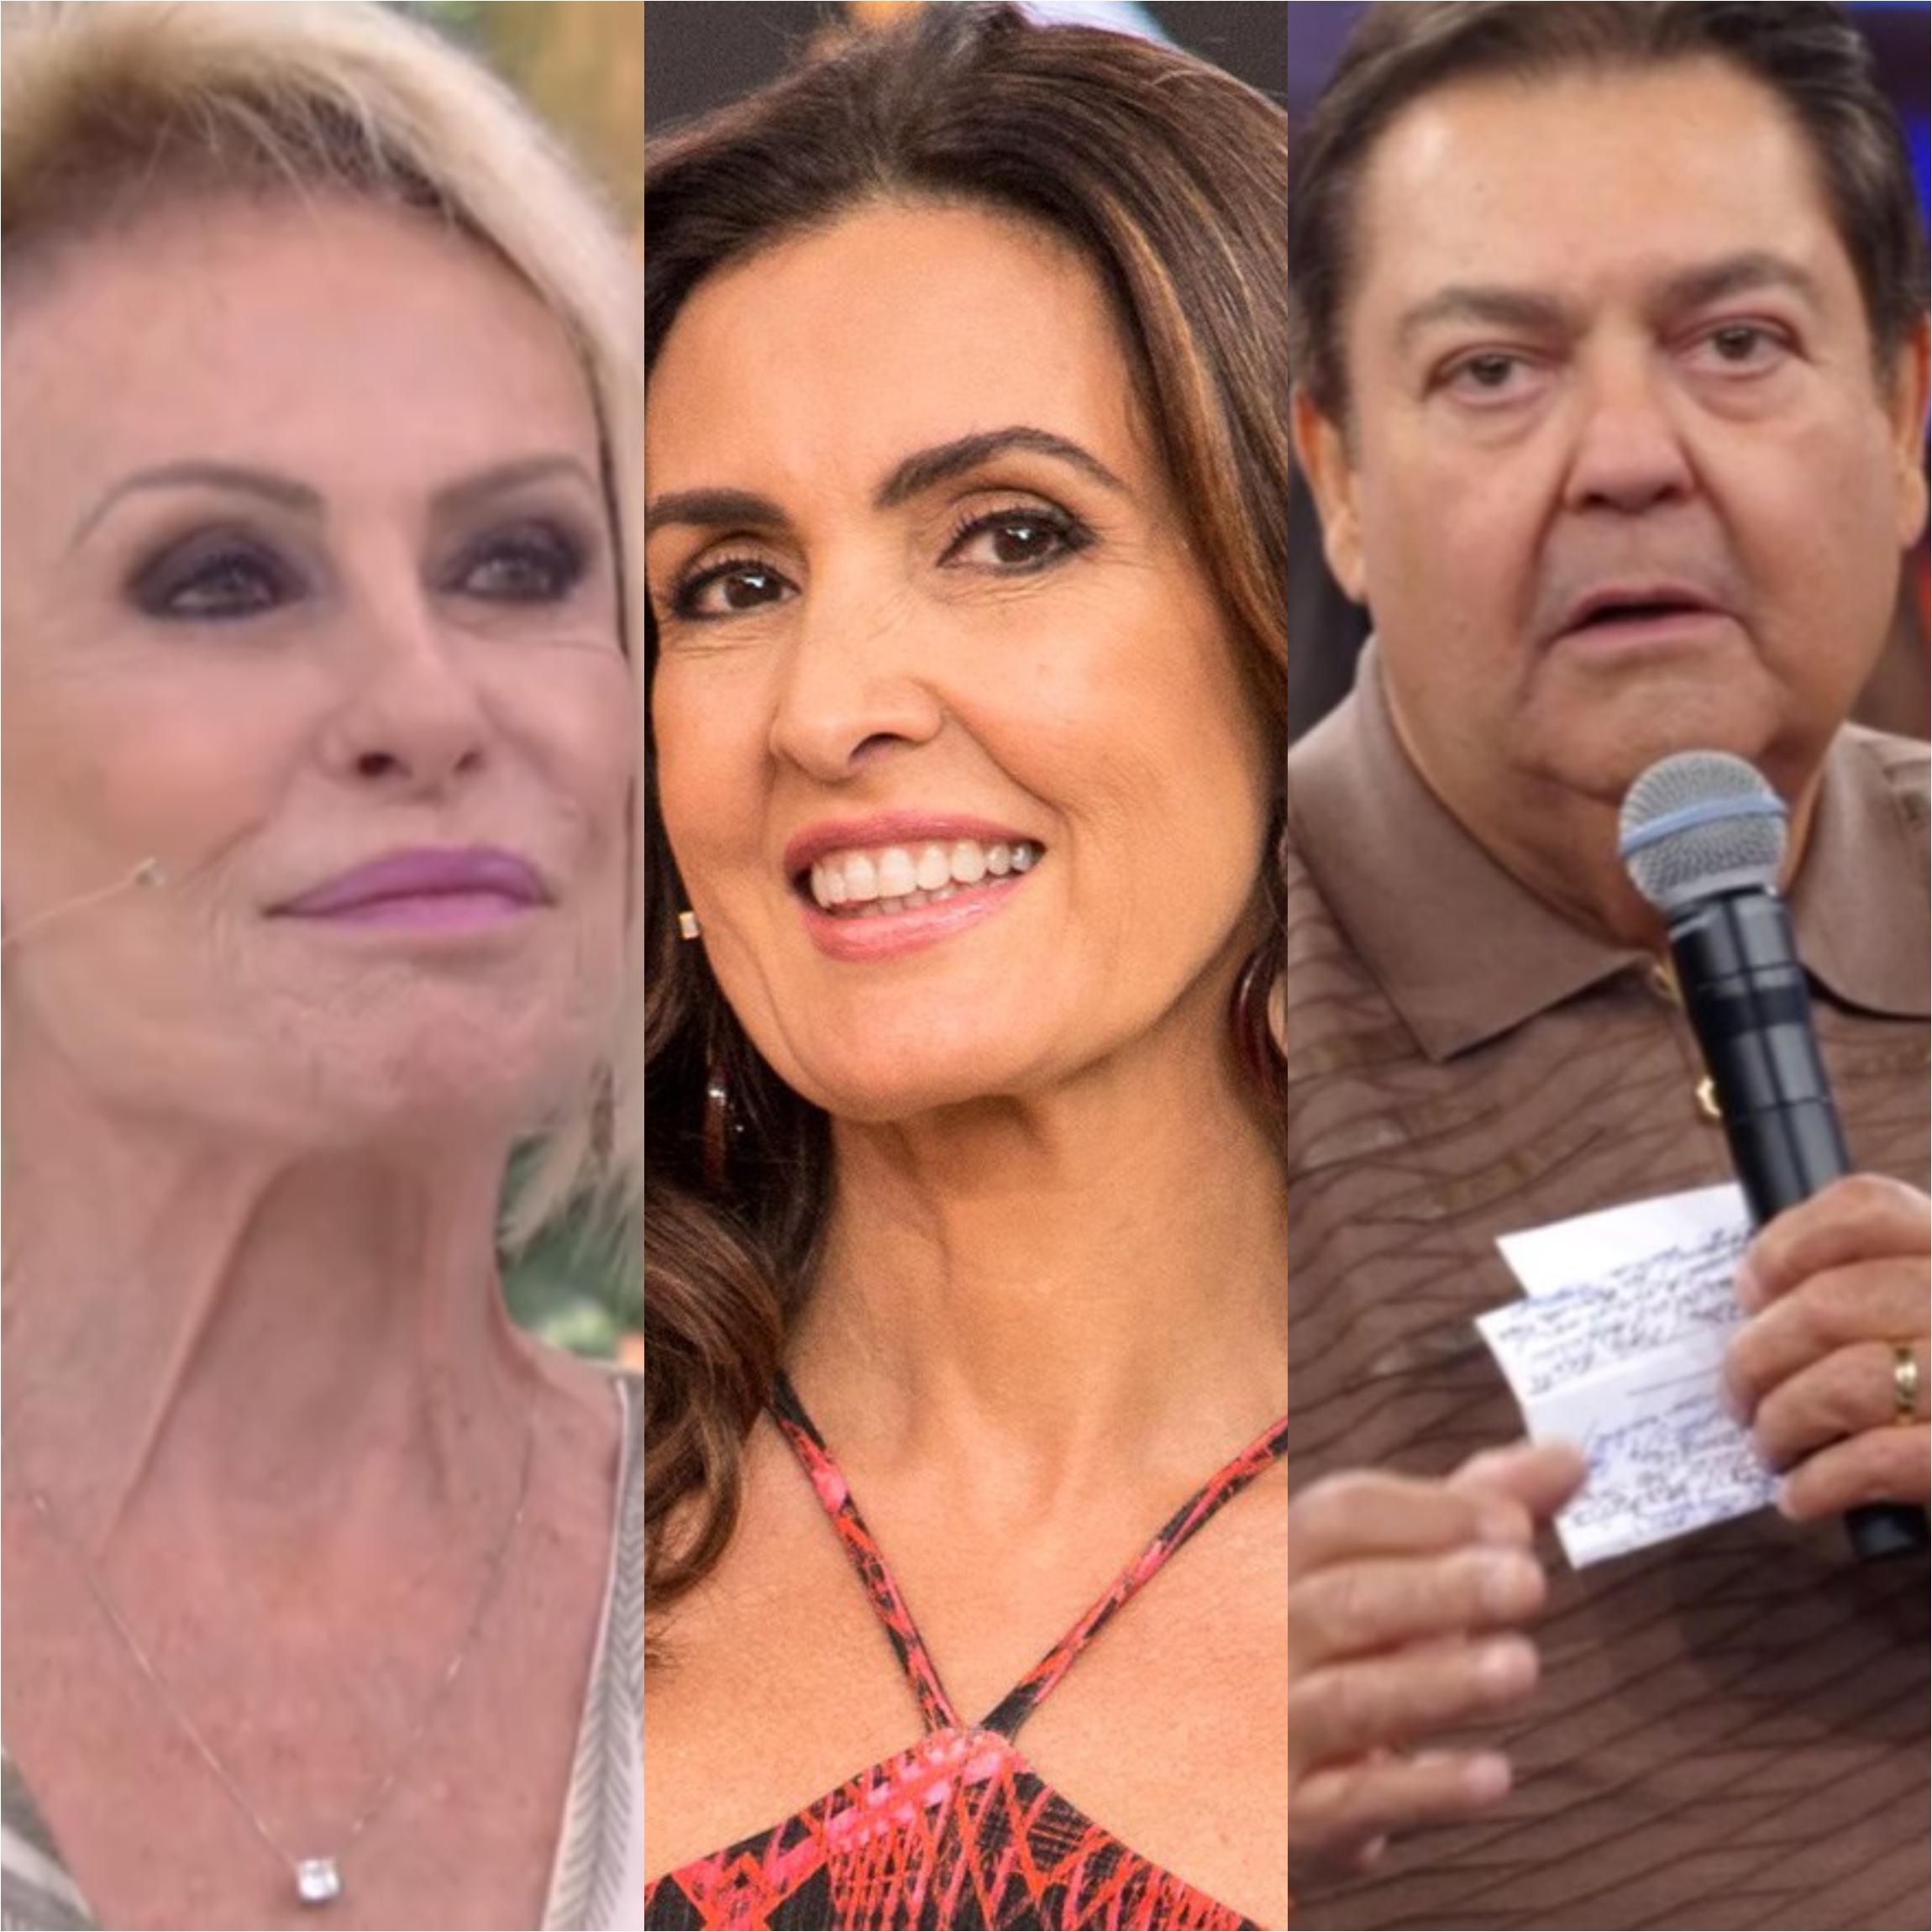 Globo dá o ultimato, diminui salário de apresentadores e repórteres e gera revolta dentro da emissora